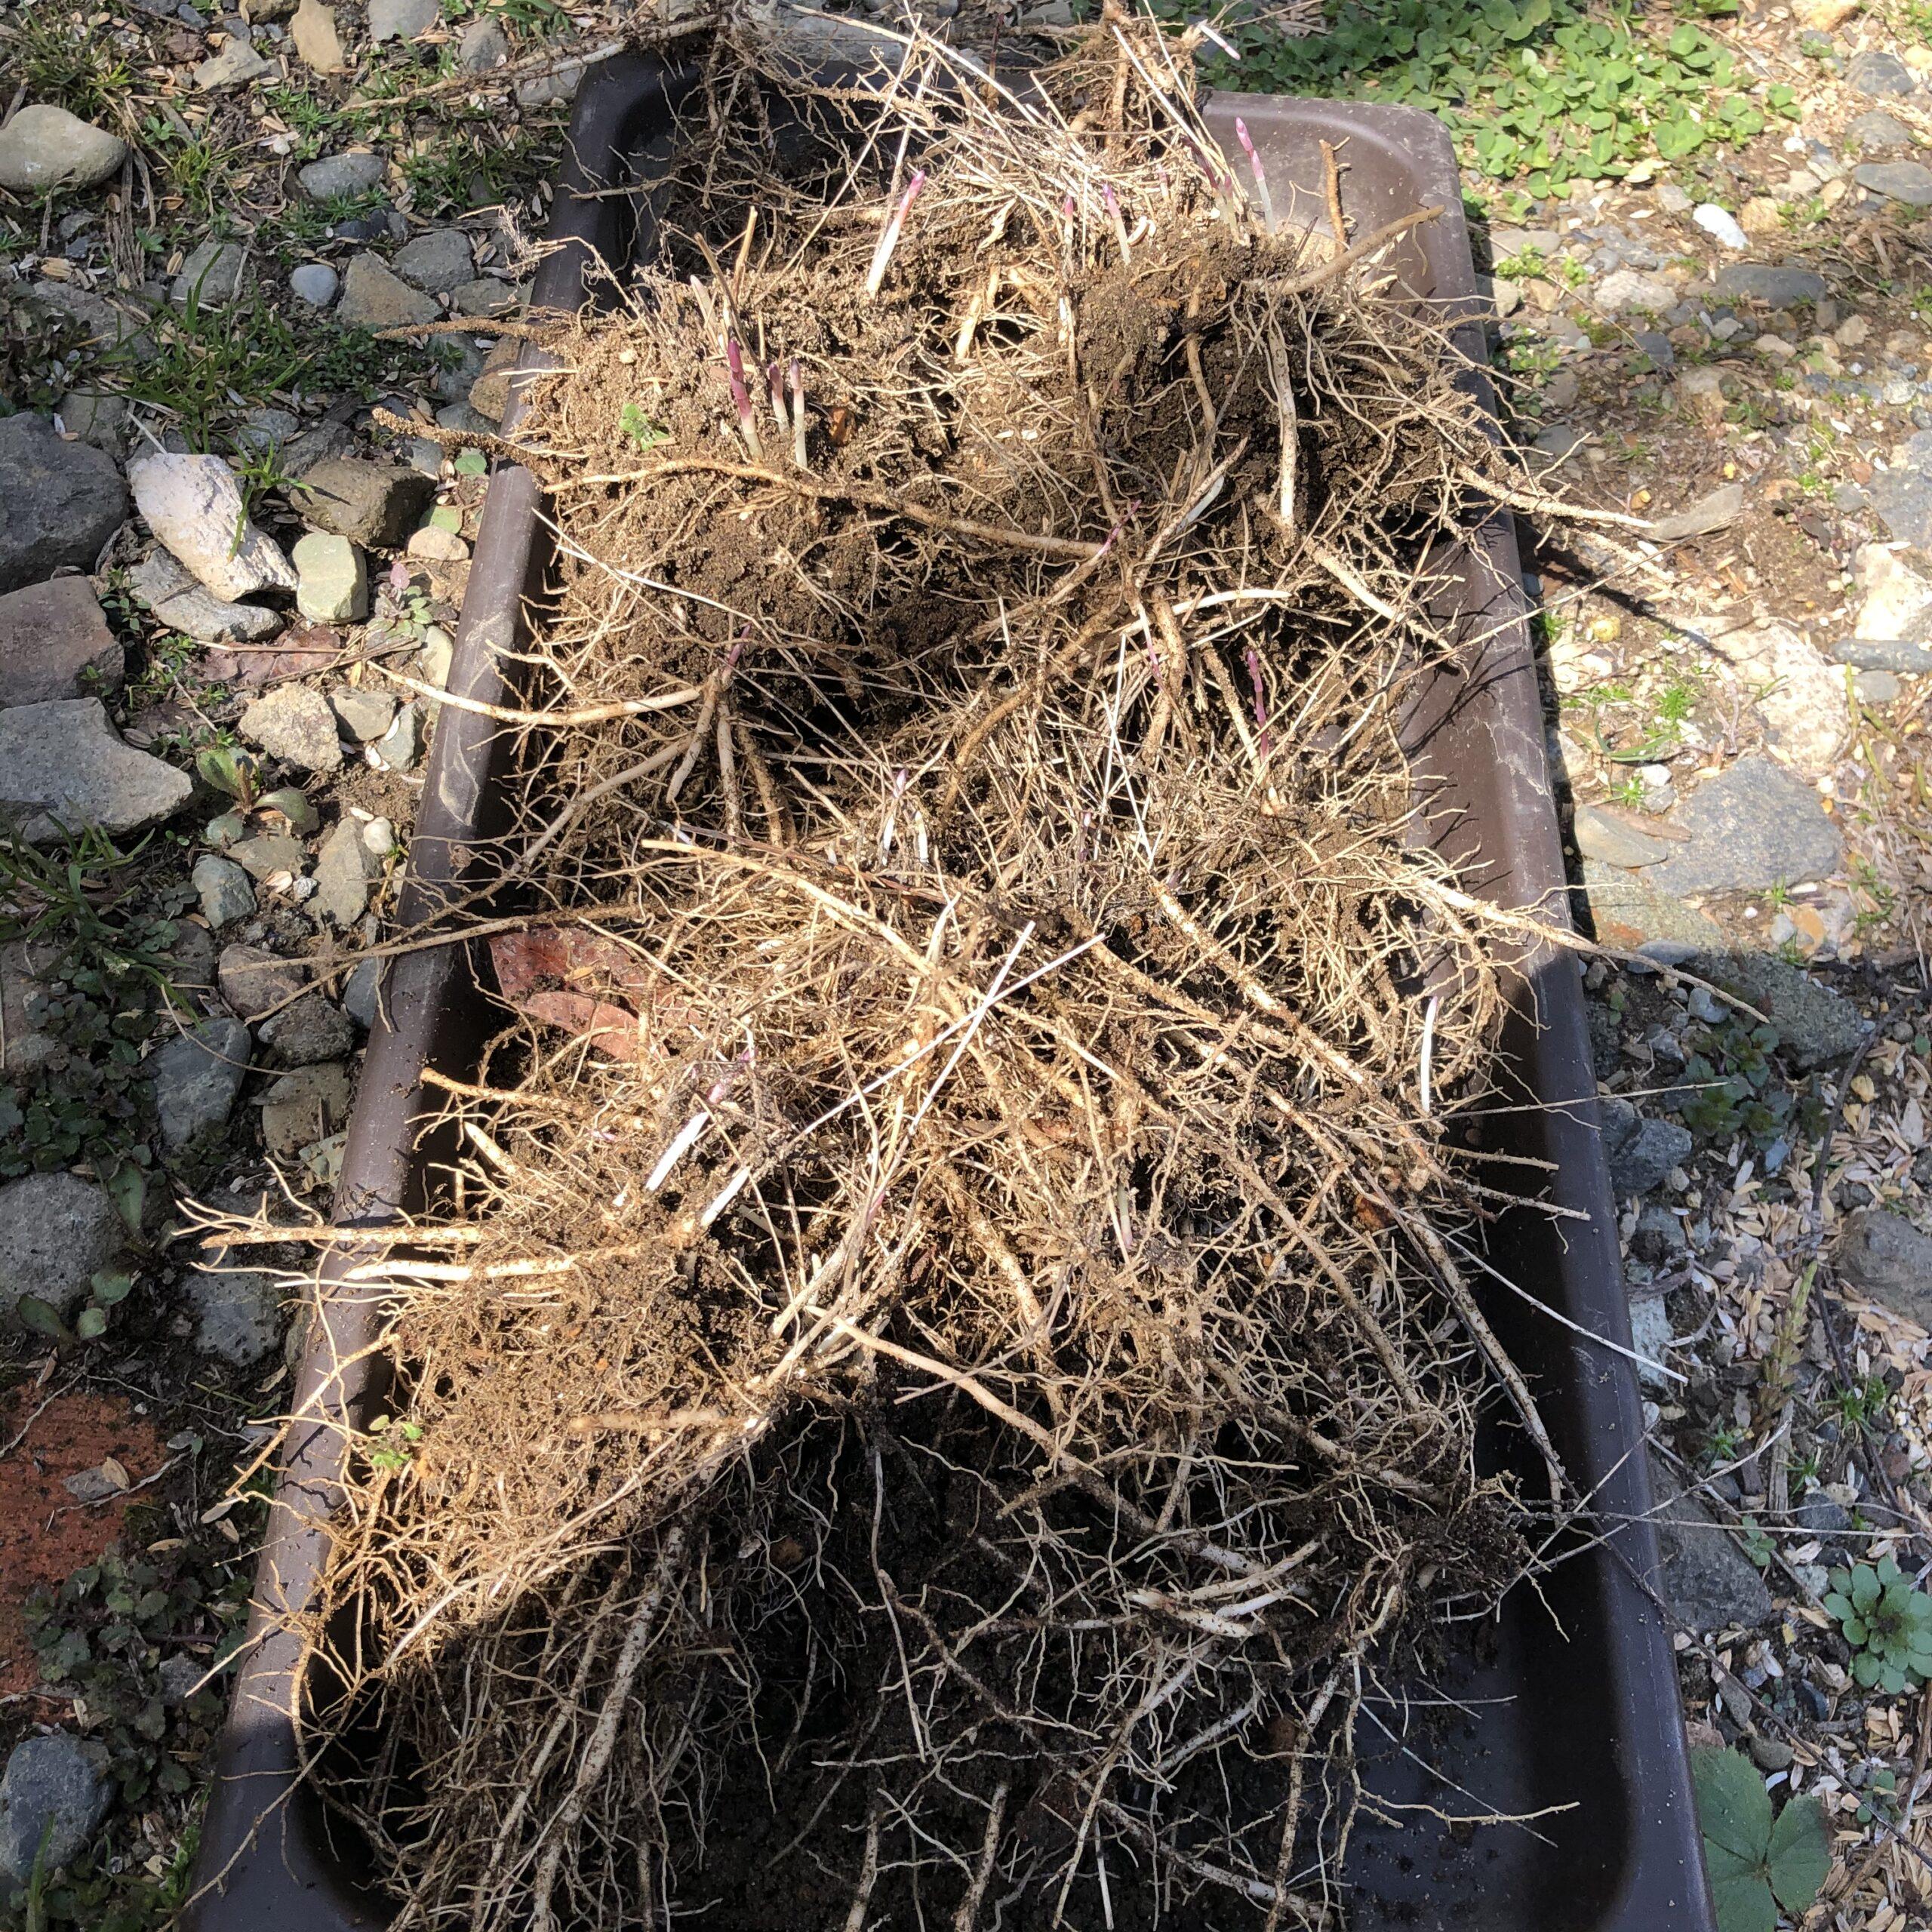 アスパラガスの根っこ